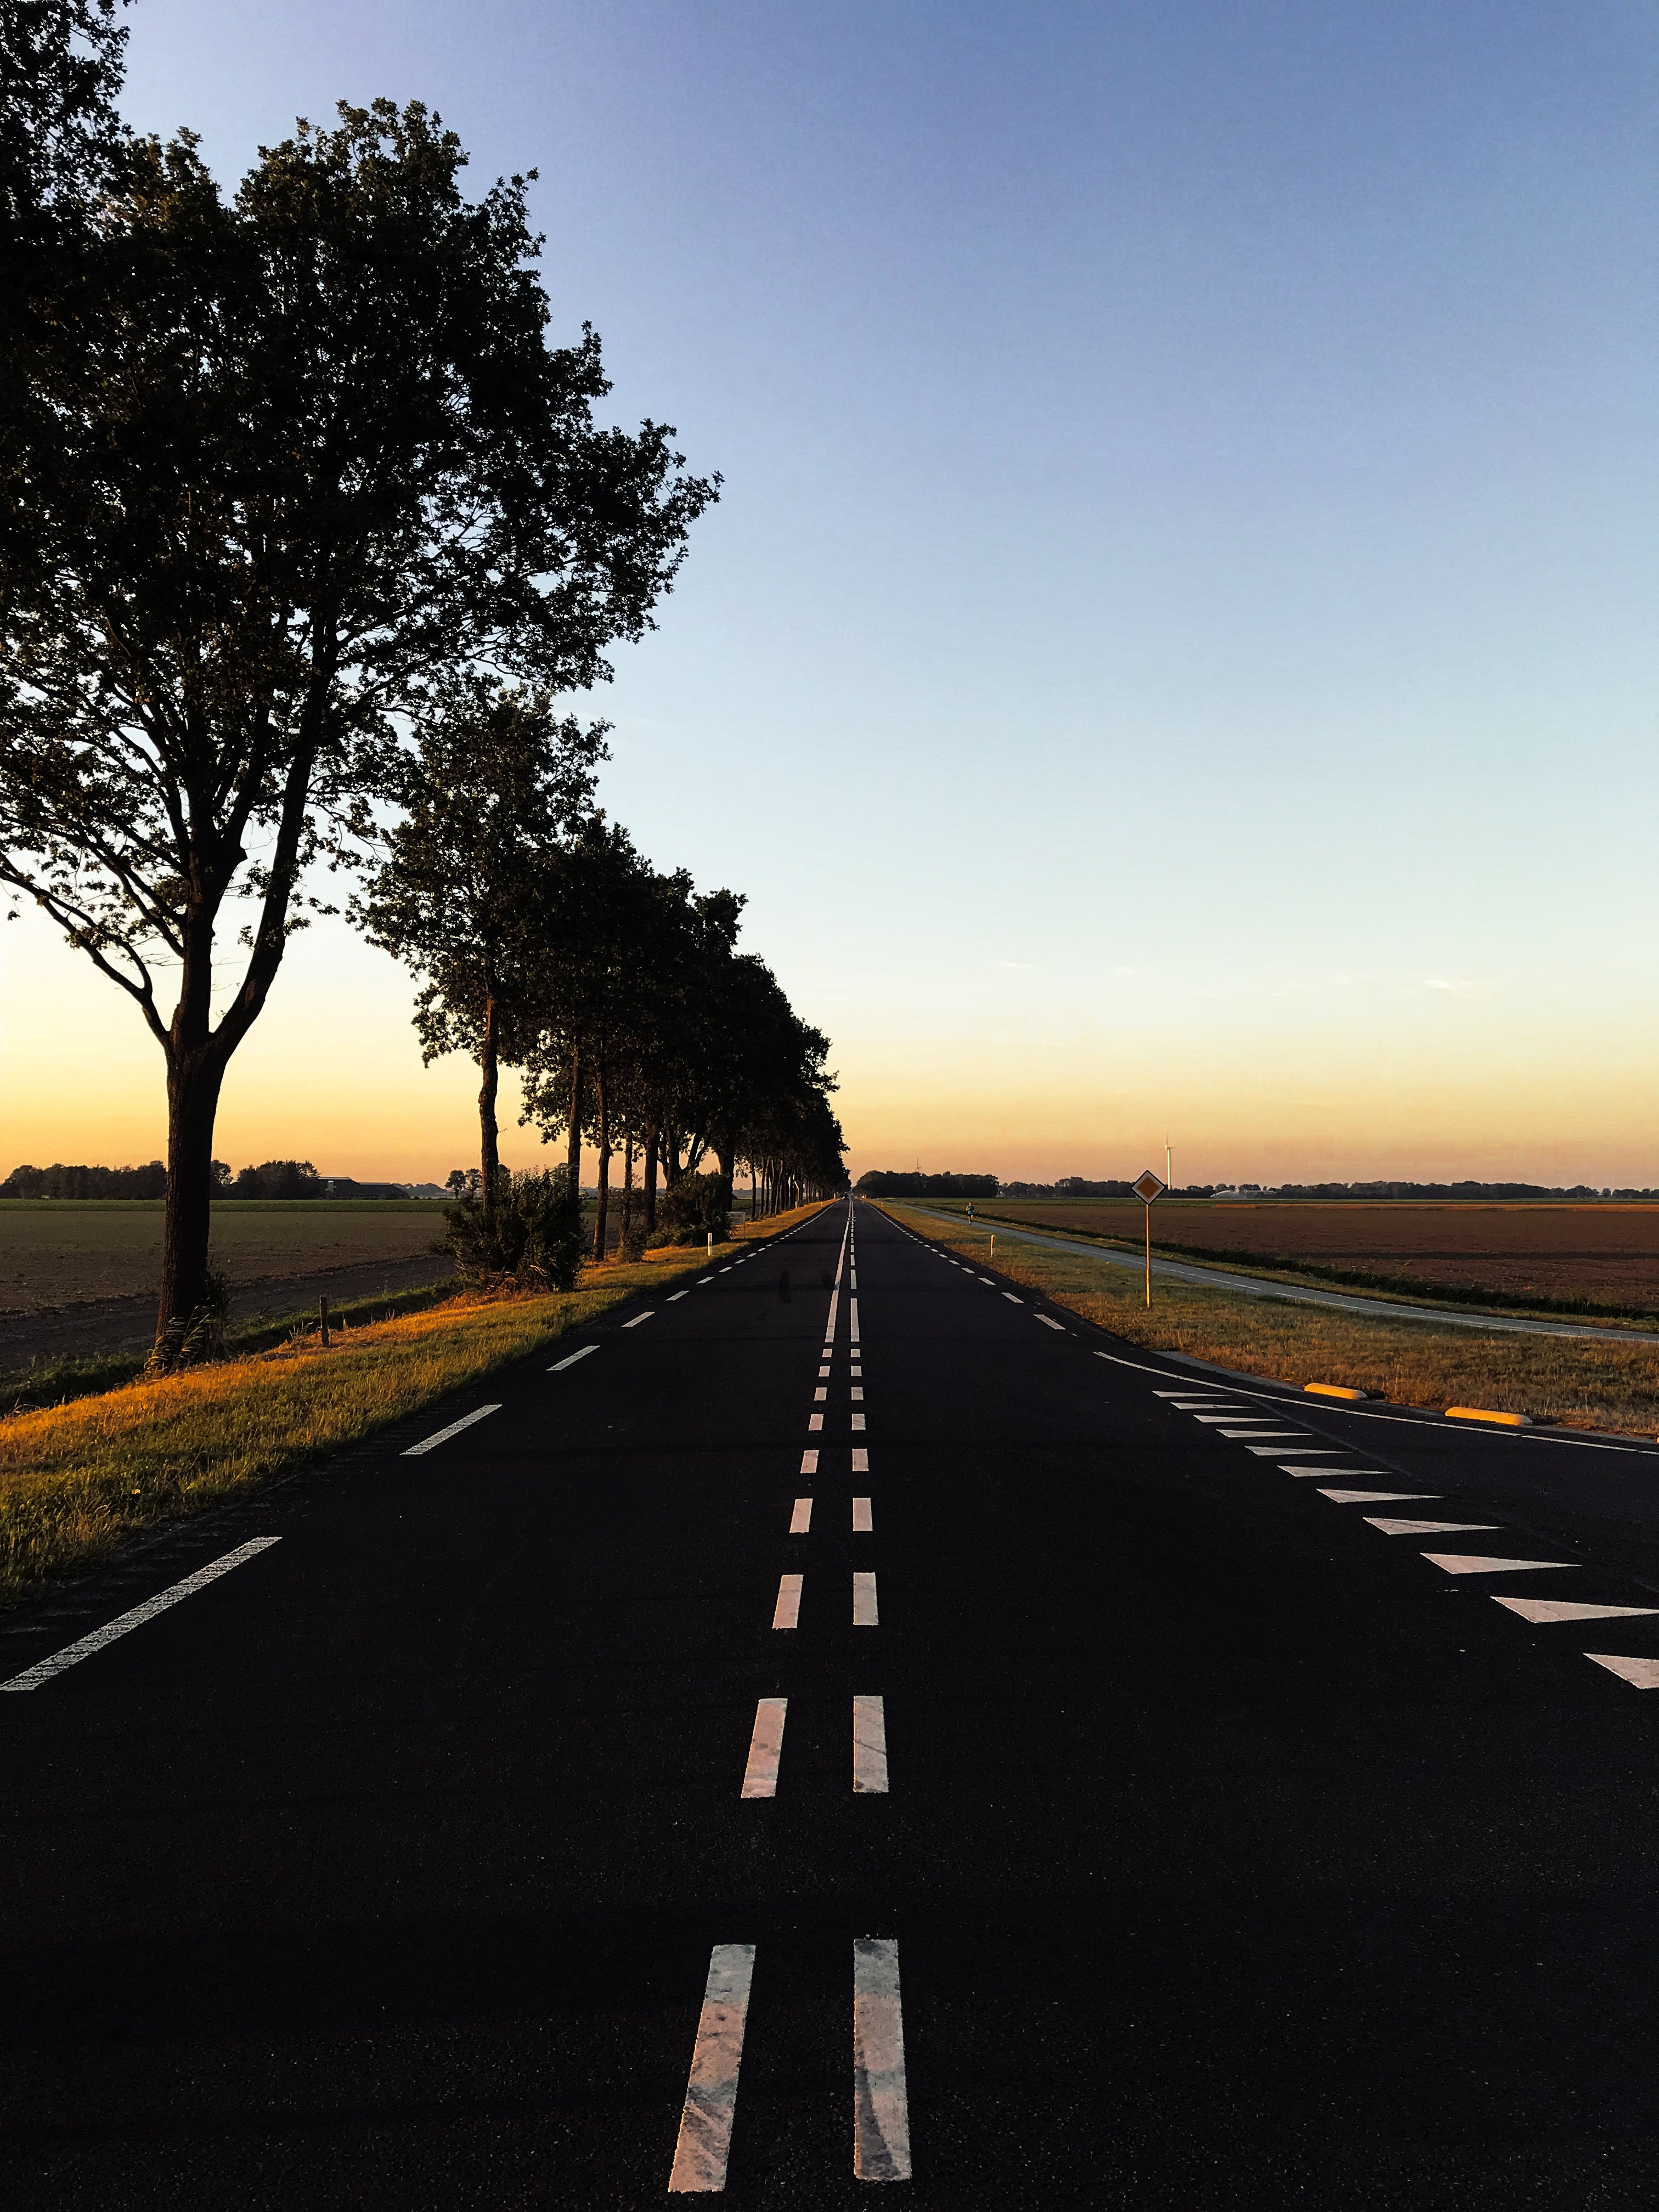 Kostnadsfri bild av asfalt, distans, gata, himmel